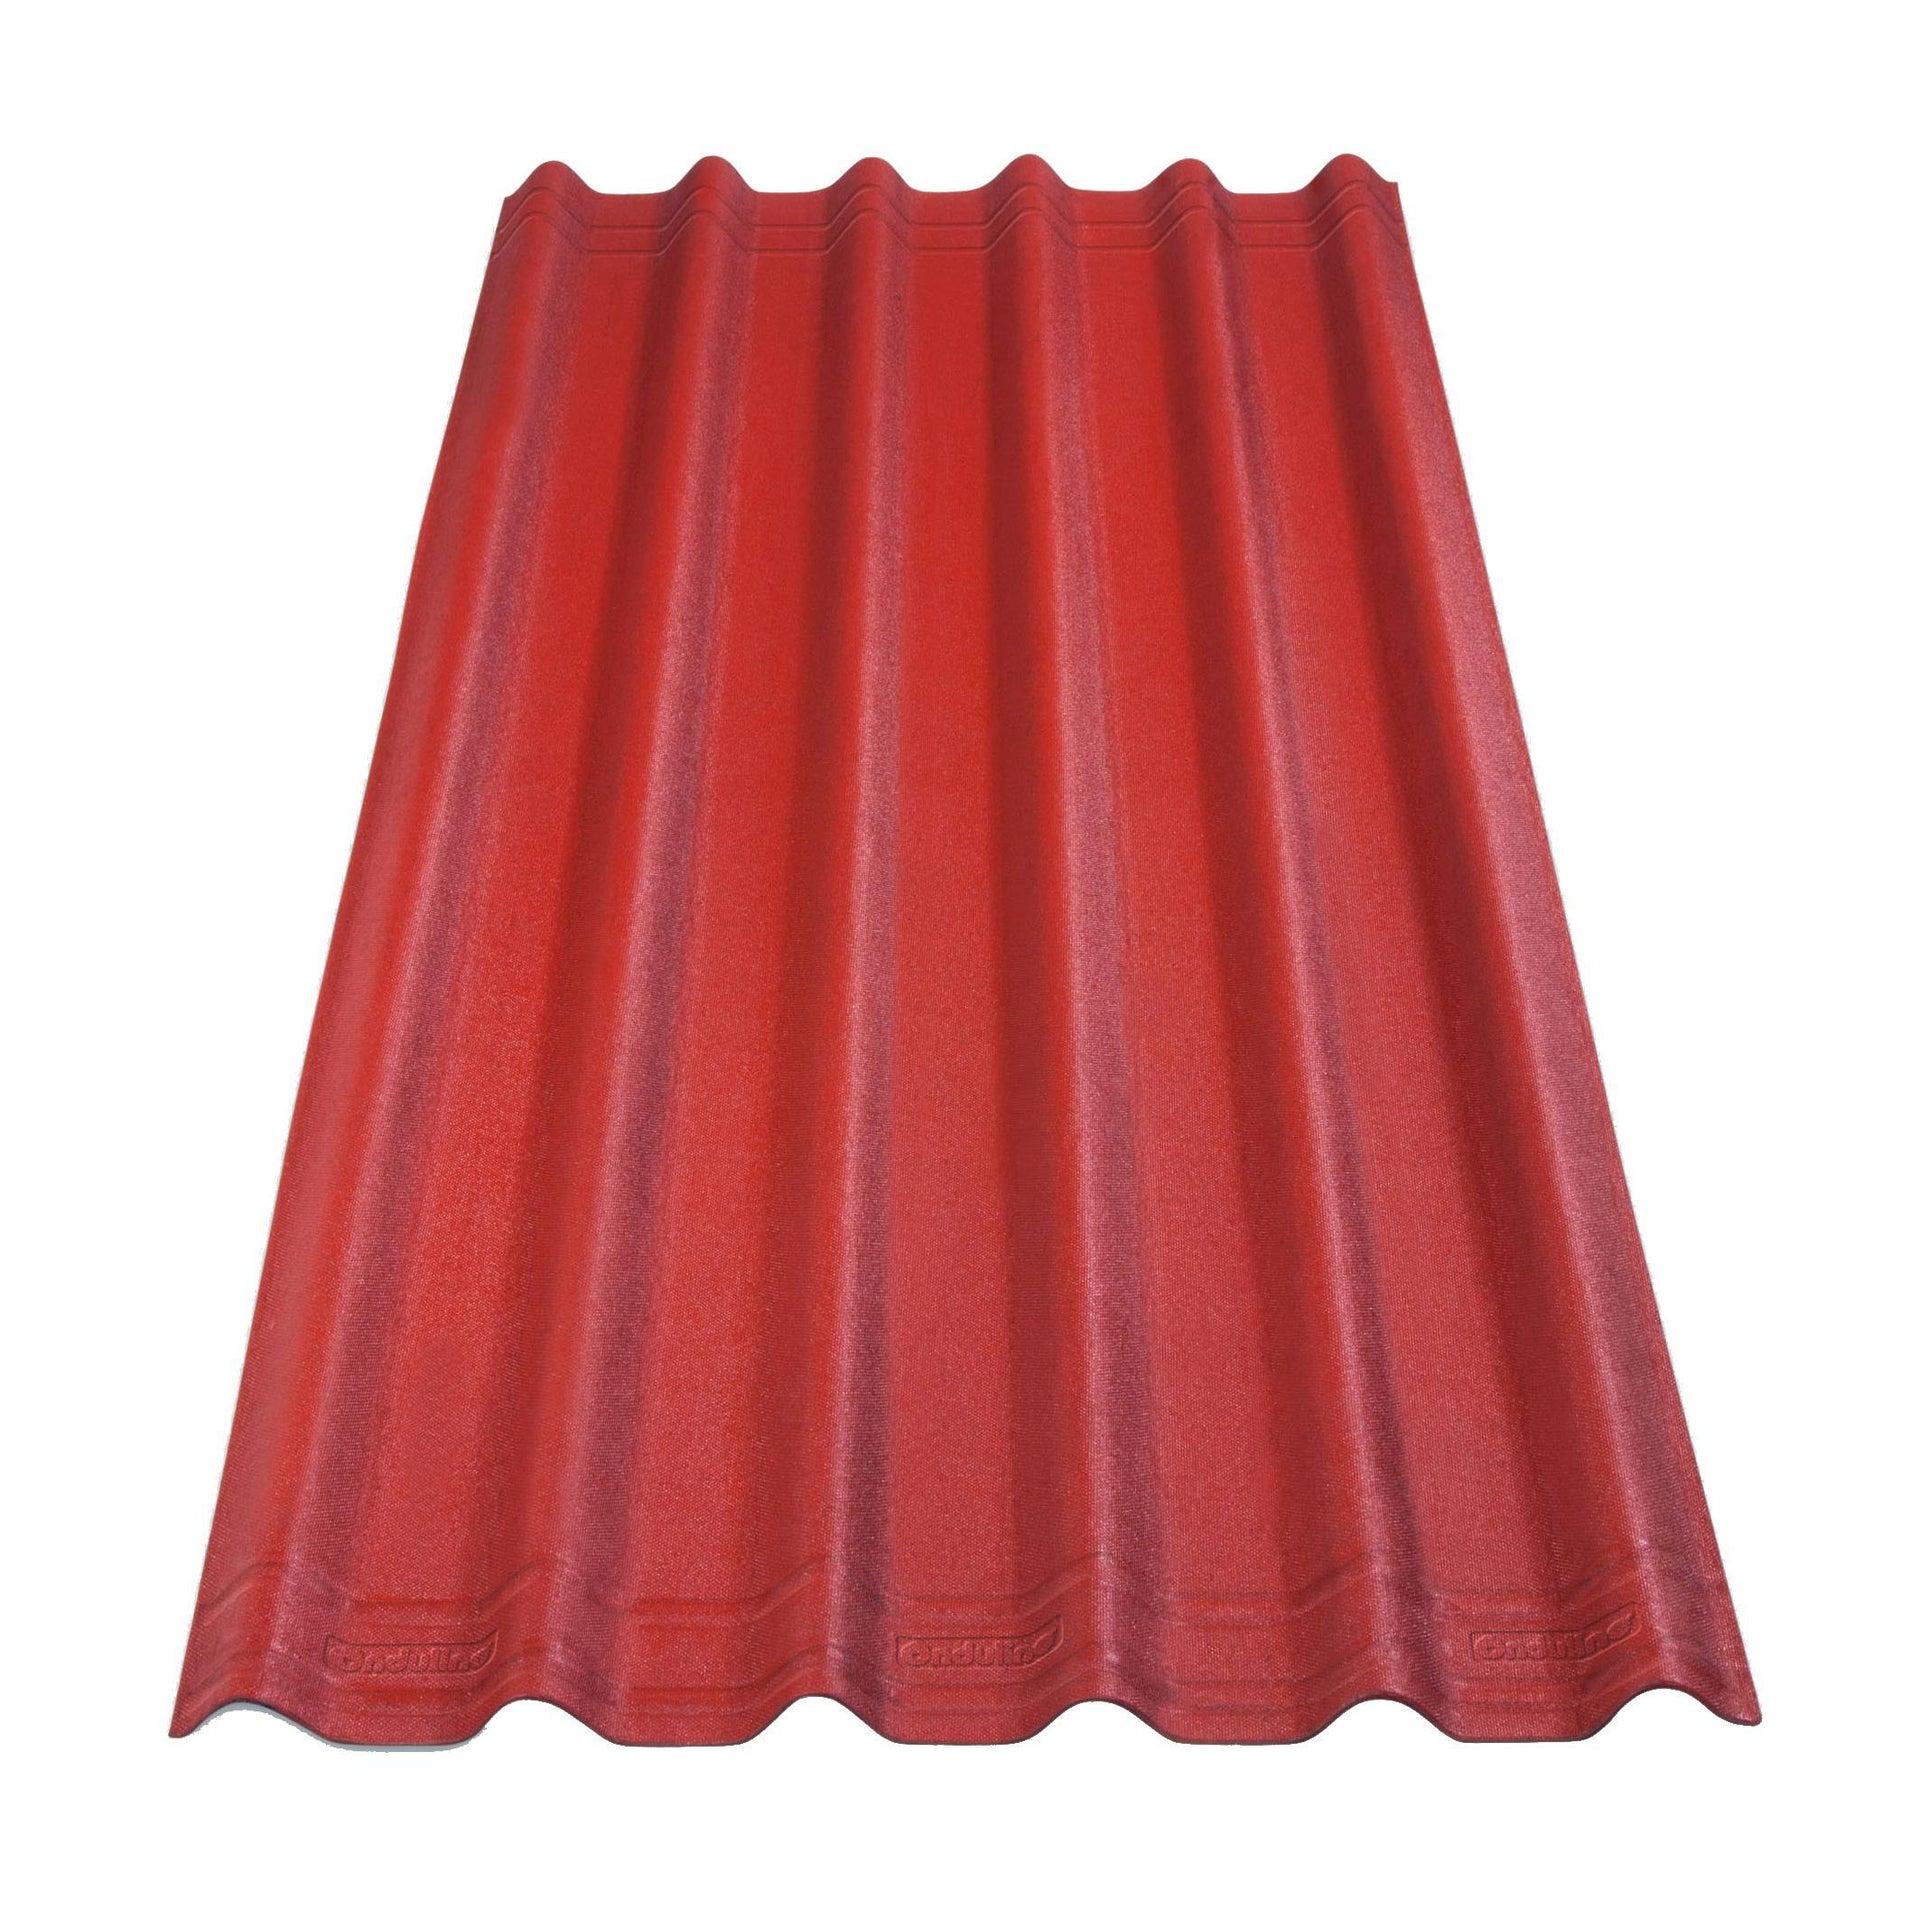 Piastra Asfalto Esterno ONDULINE Easyfix in bitume 0.81 x 2 m rosso - 1